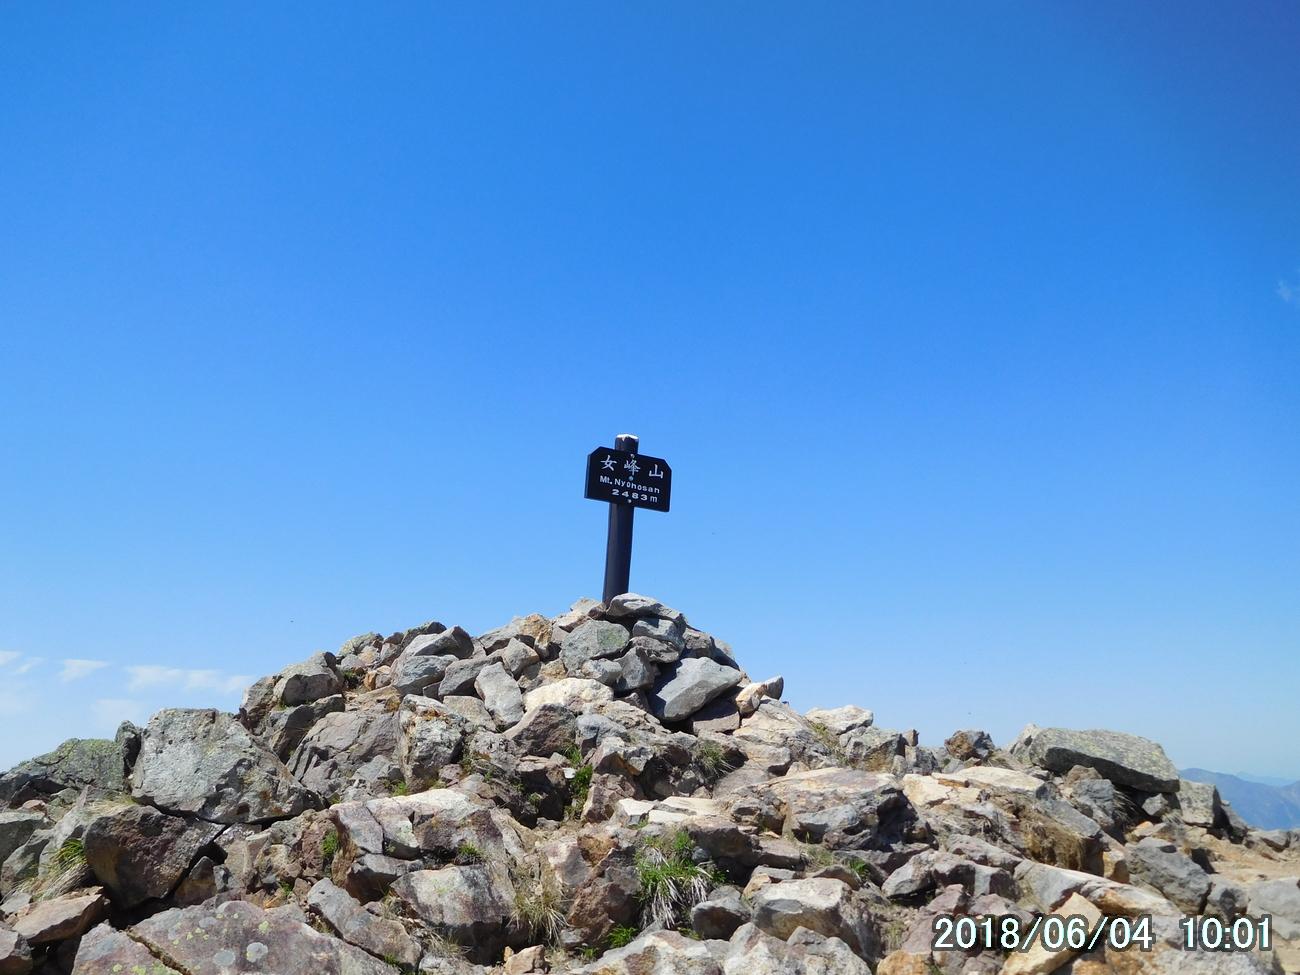 4時間1分で山頂に着いた